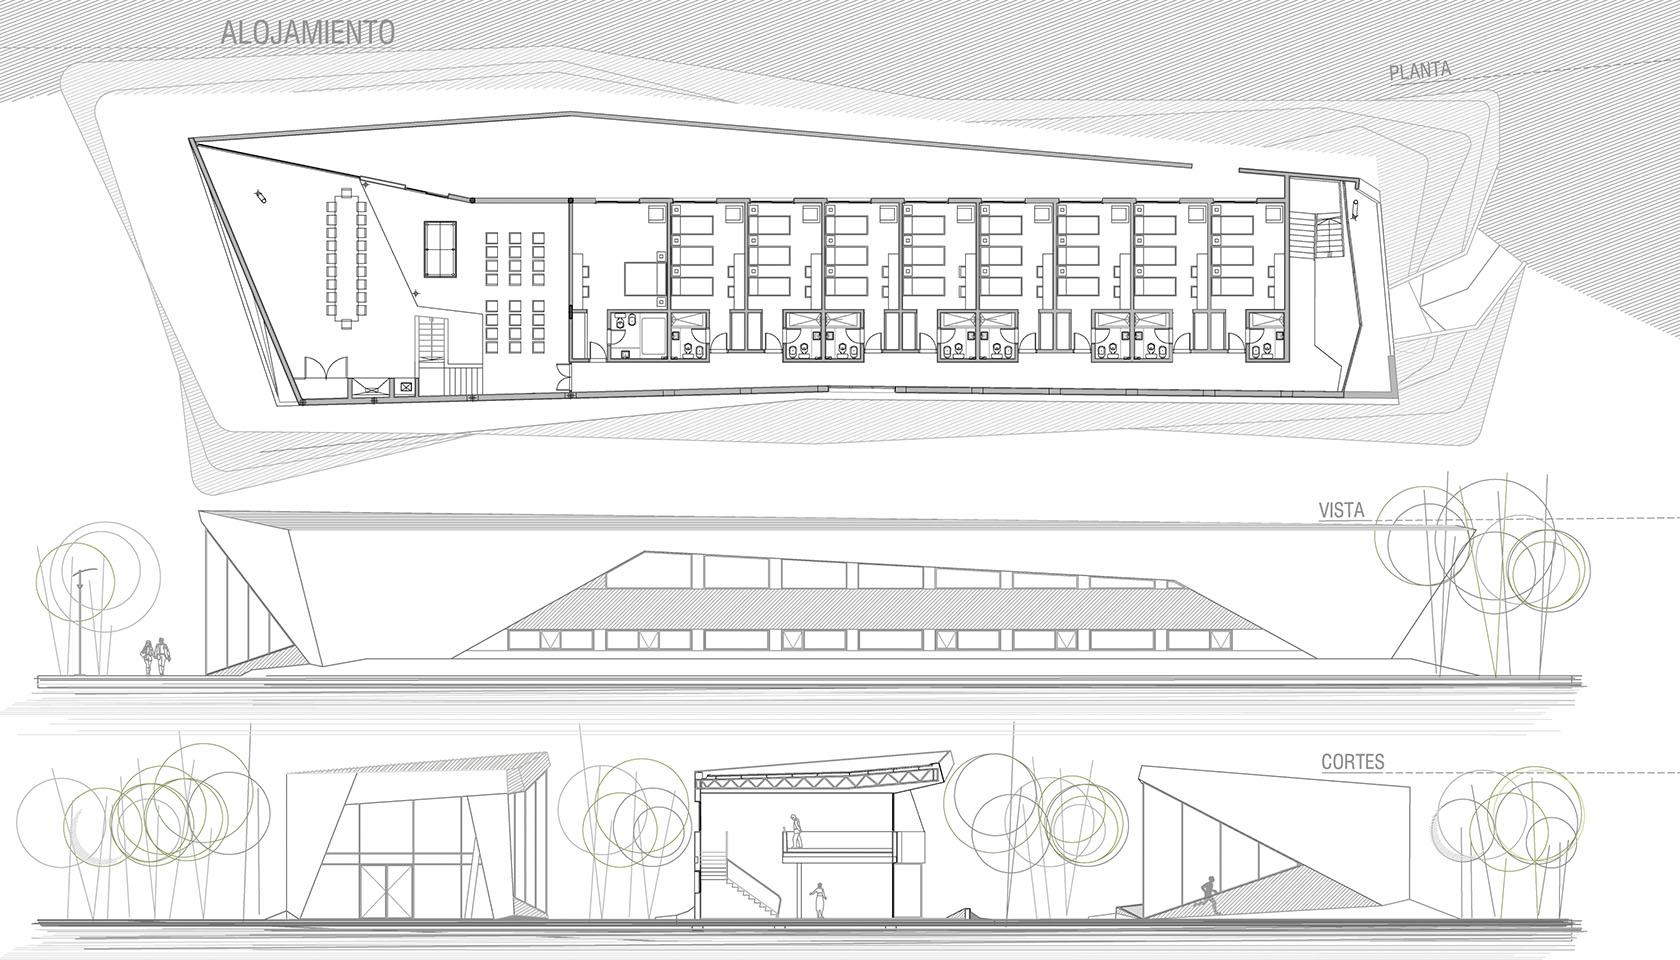 Diseño moderno de complejos deportivos, diseño de alojamientos